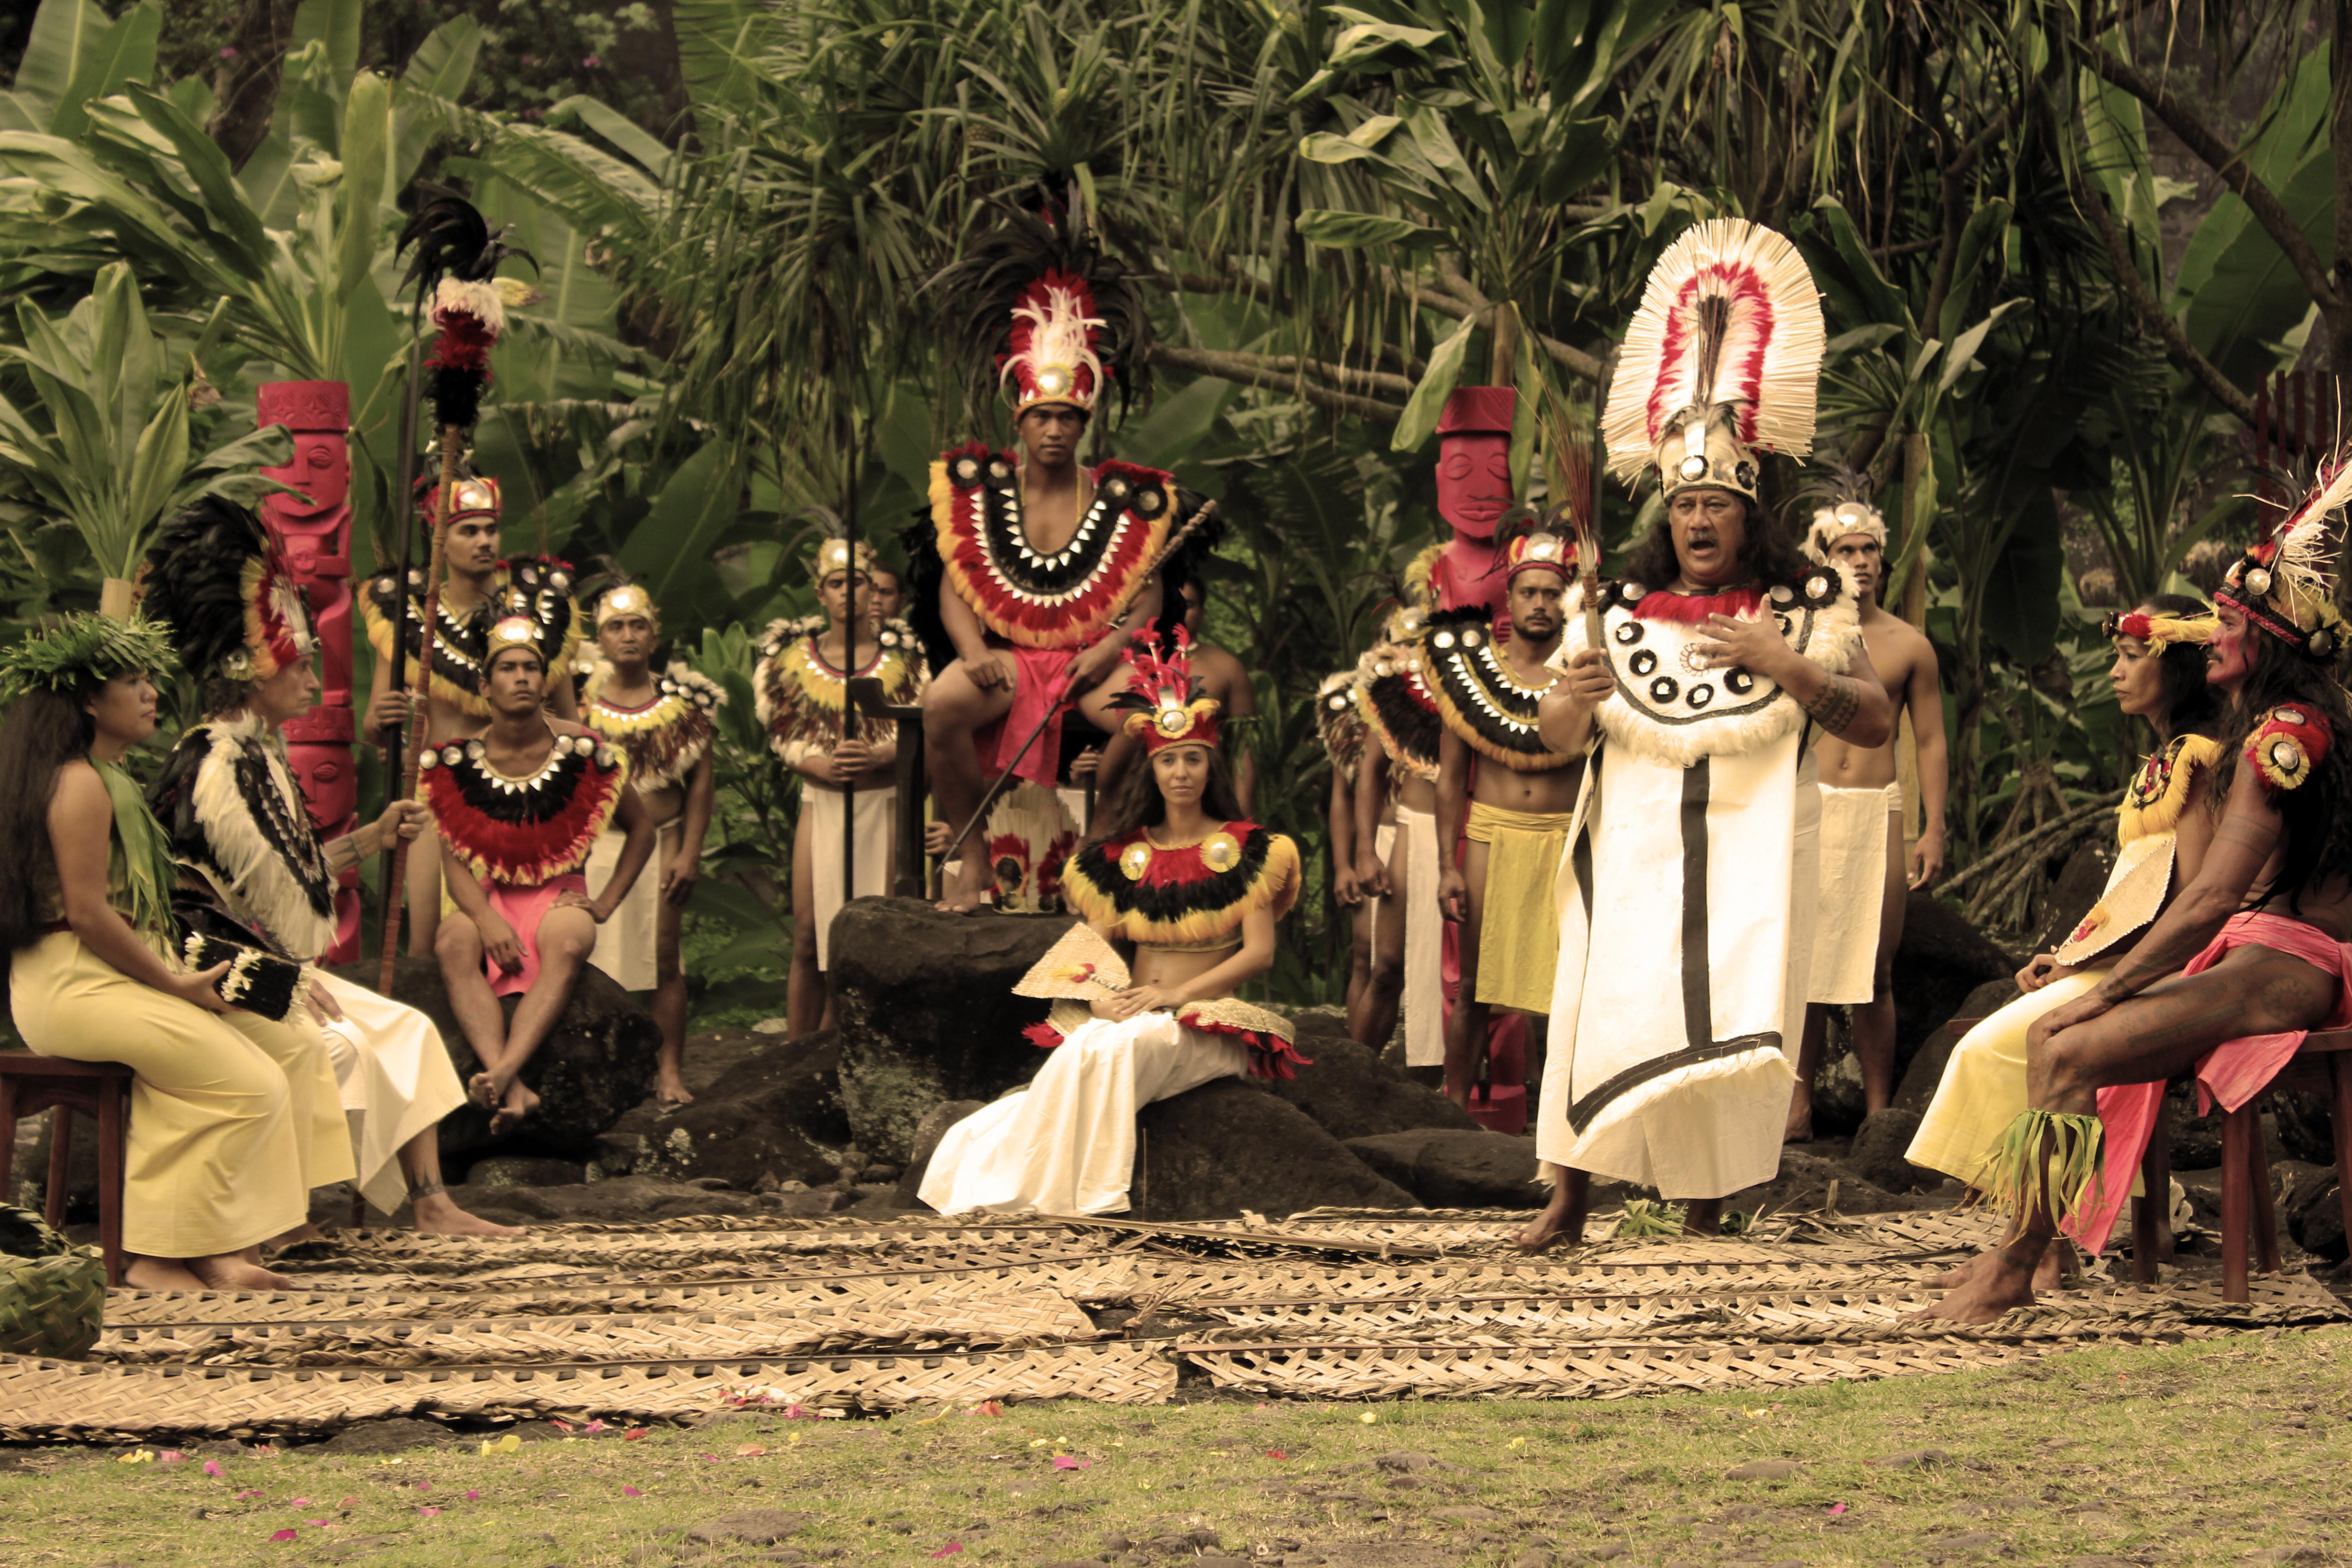 De plus en plus, les troupes de danse traditionnelle revêtissent les grands évènements politiques et religieux qui régissaient la Polynésie ancestrale, en respectant scrupuleusement les us et coutumes de l'époque, jusqu'aux classes sociales. Ici, le arii rahi, assis au fond, la reine, assise devant lui et le rassira, le prêtre en plein orero (déclamation orale). Troupe : O Tahiti E. Spectacle : Tahiti 'A Mai ©Tenahe Faatau